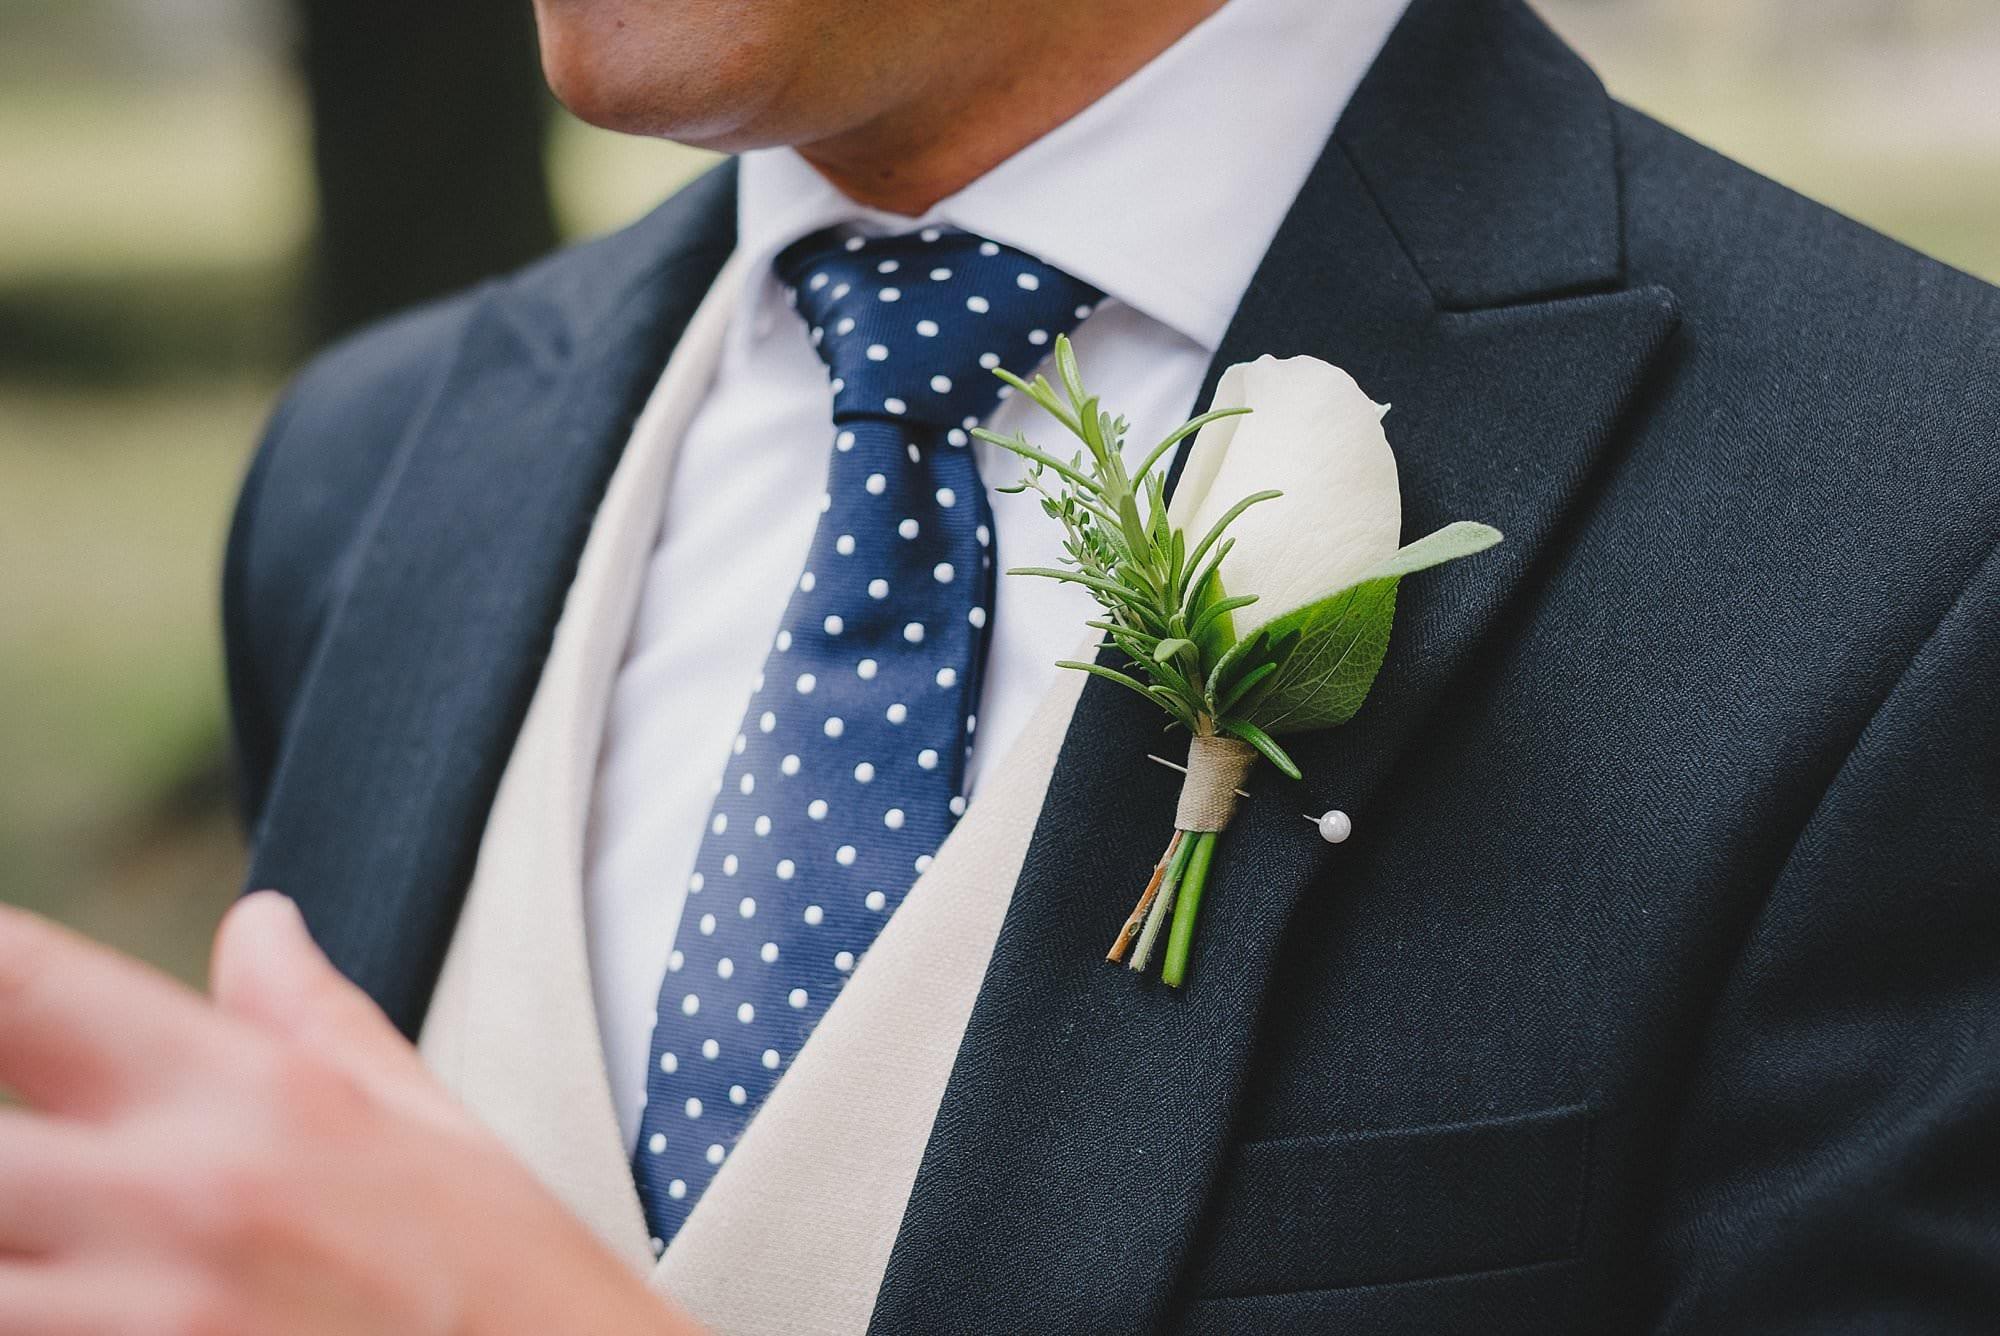 fulham palace wedding photographer 021 - Rosanna + Duncan | Fulham